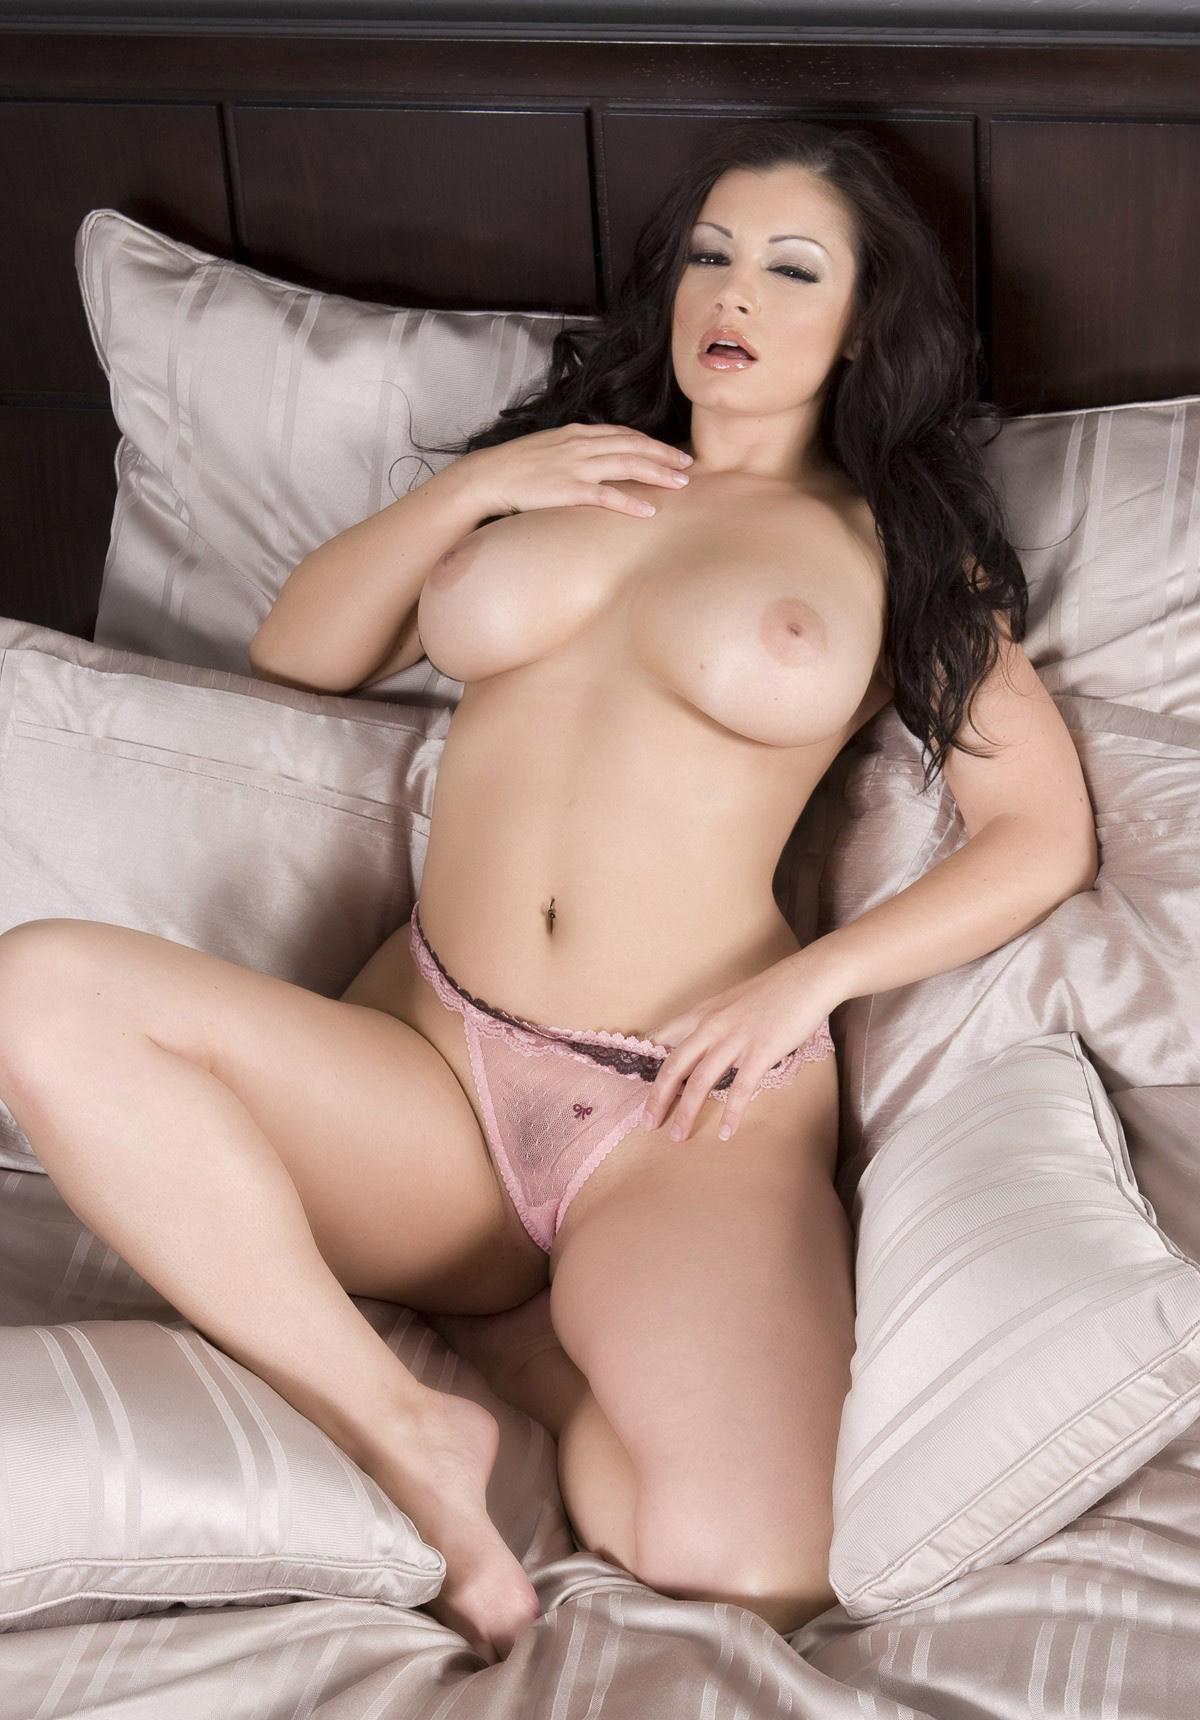 Kimberly rub my boobs